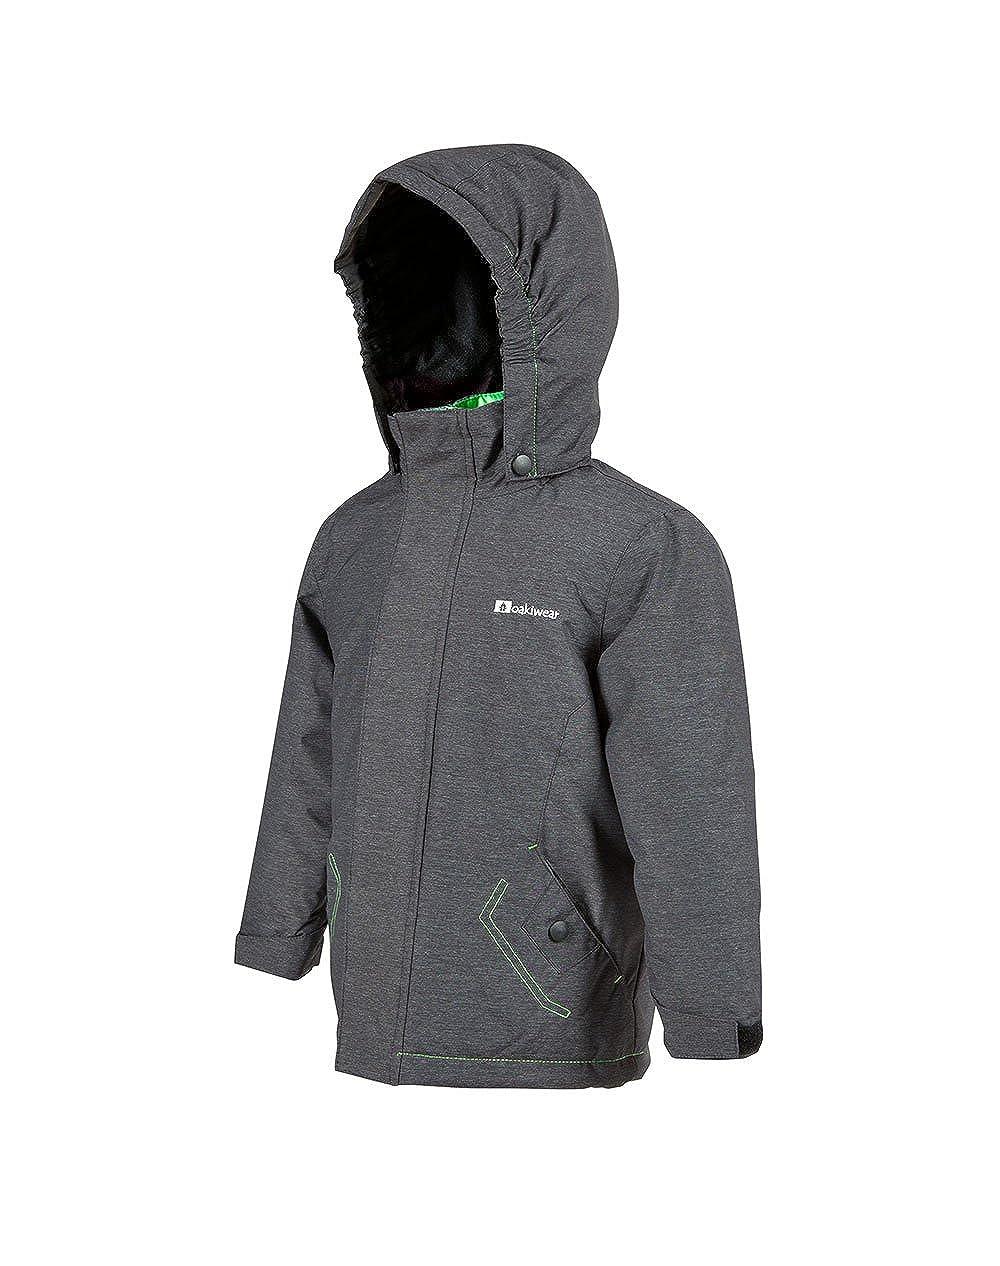 Oakiwear Children's Ski Coat with Hood & Waist Snow Gaiter